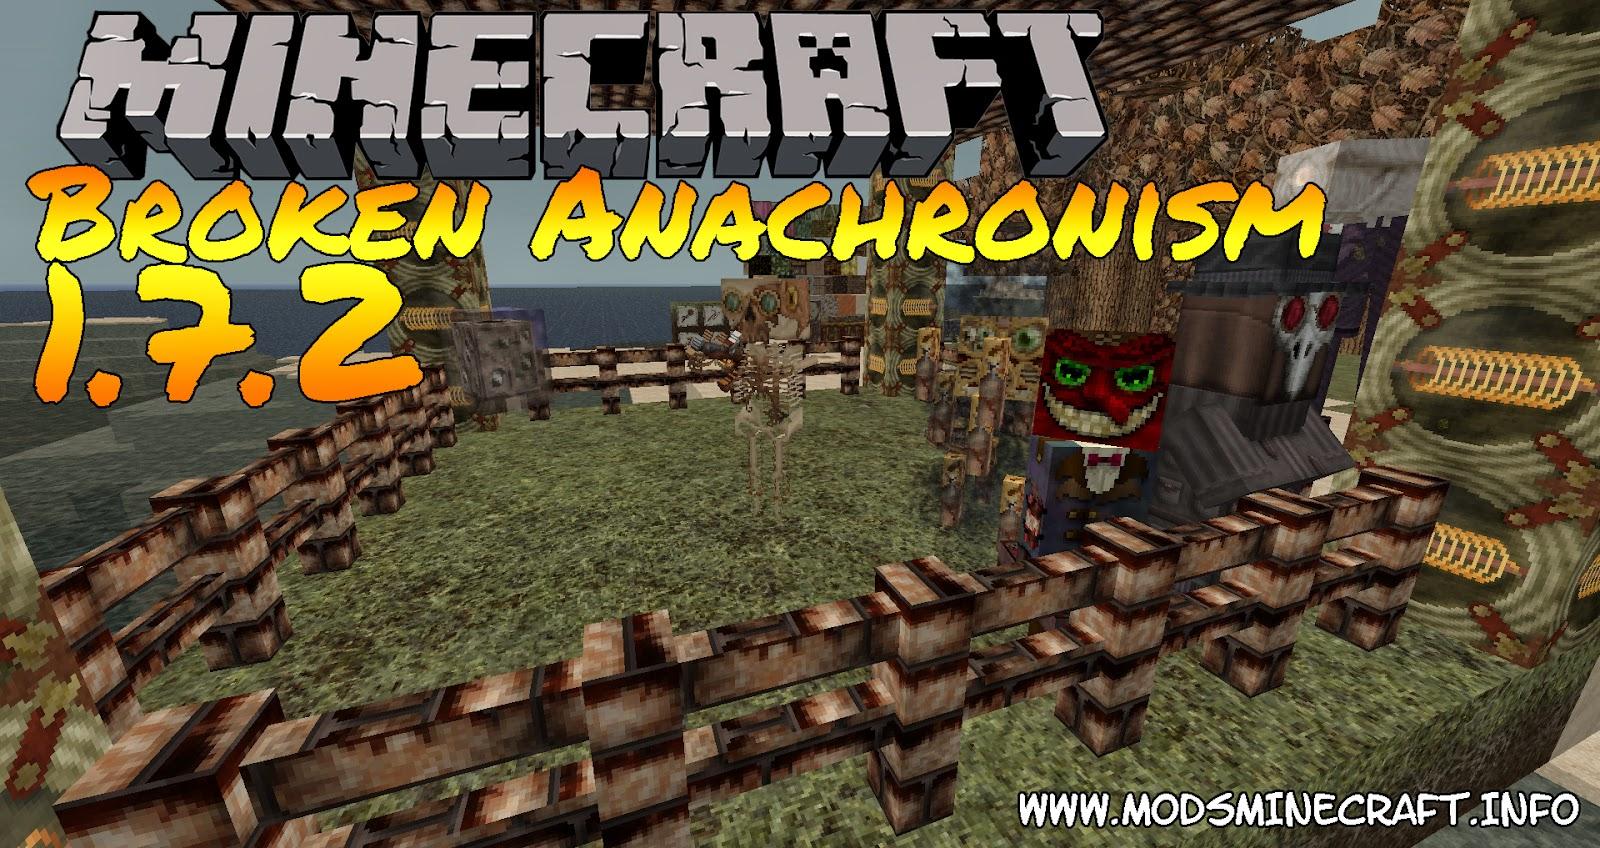 Broken Anachronism Texture Pack para Minecraft 1.7.2, Broken Anachronism  1.7.2, Broken Anachronism texture, texture pack minecraft, minecraft texturas, texturas para minecraft, minecraft cómo instalar texturas, minecraft 1.7.2, texturas para minecraft 1.7.2